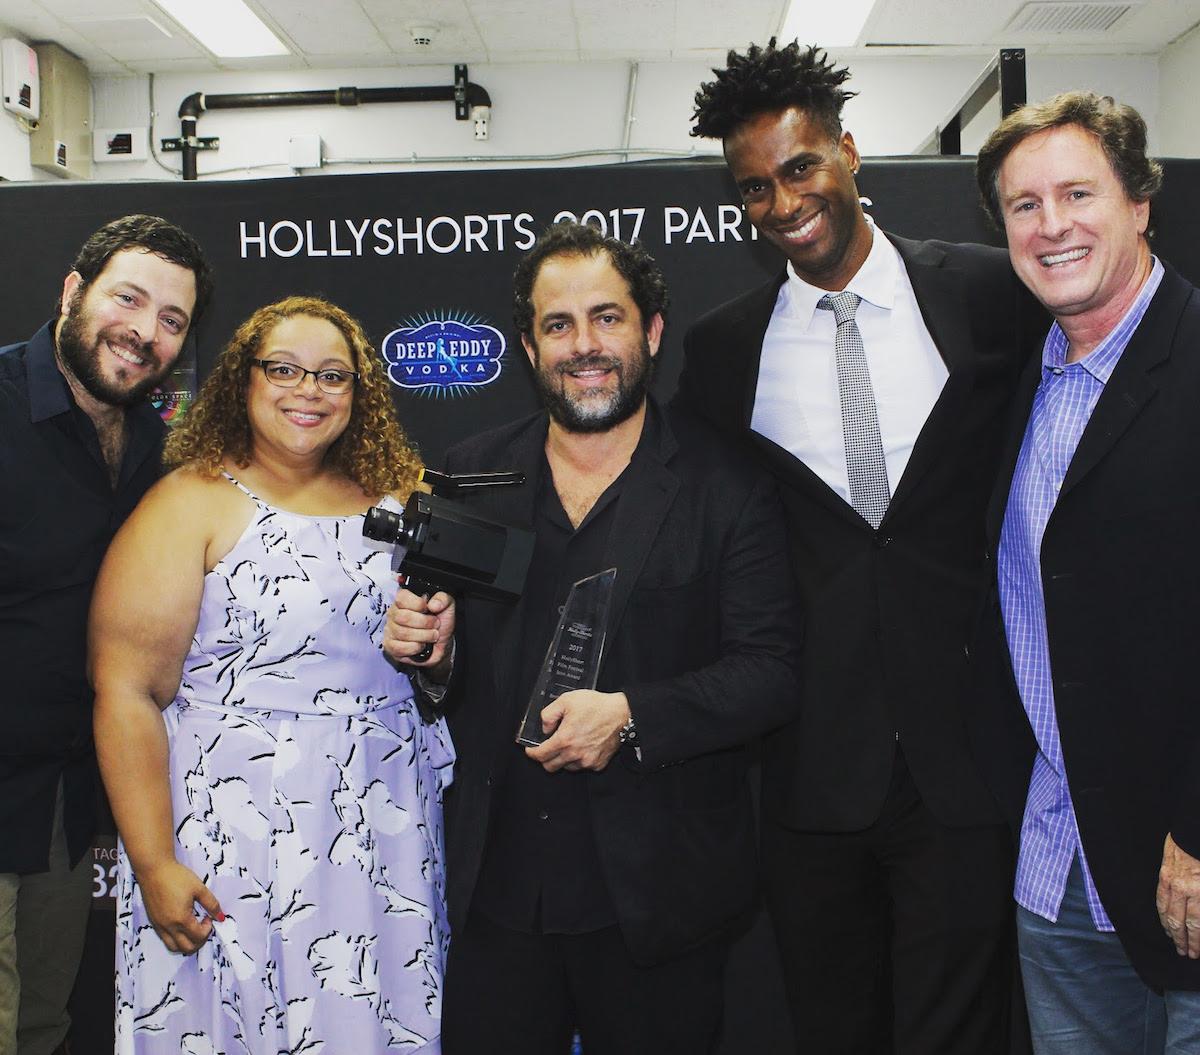 2017 HollyShorts Film Festival award winners Brett Ratner